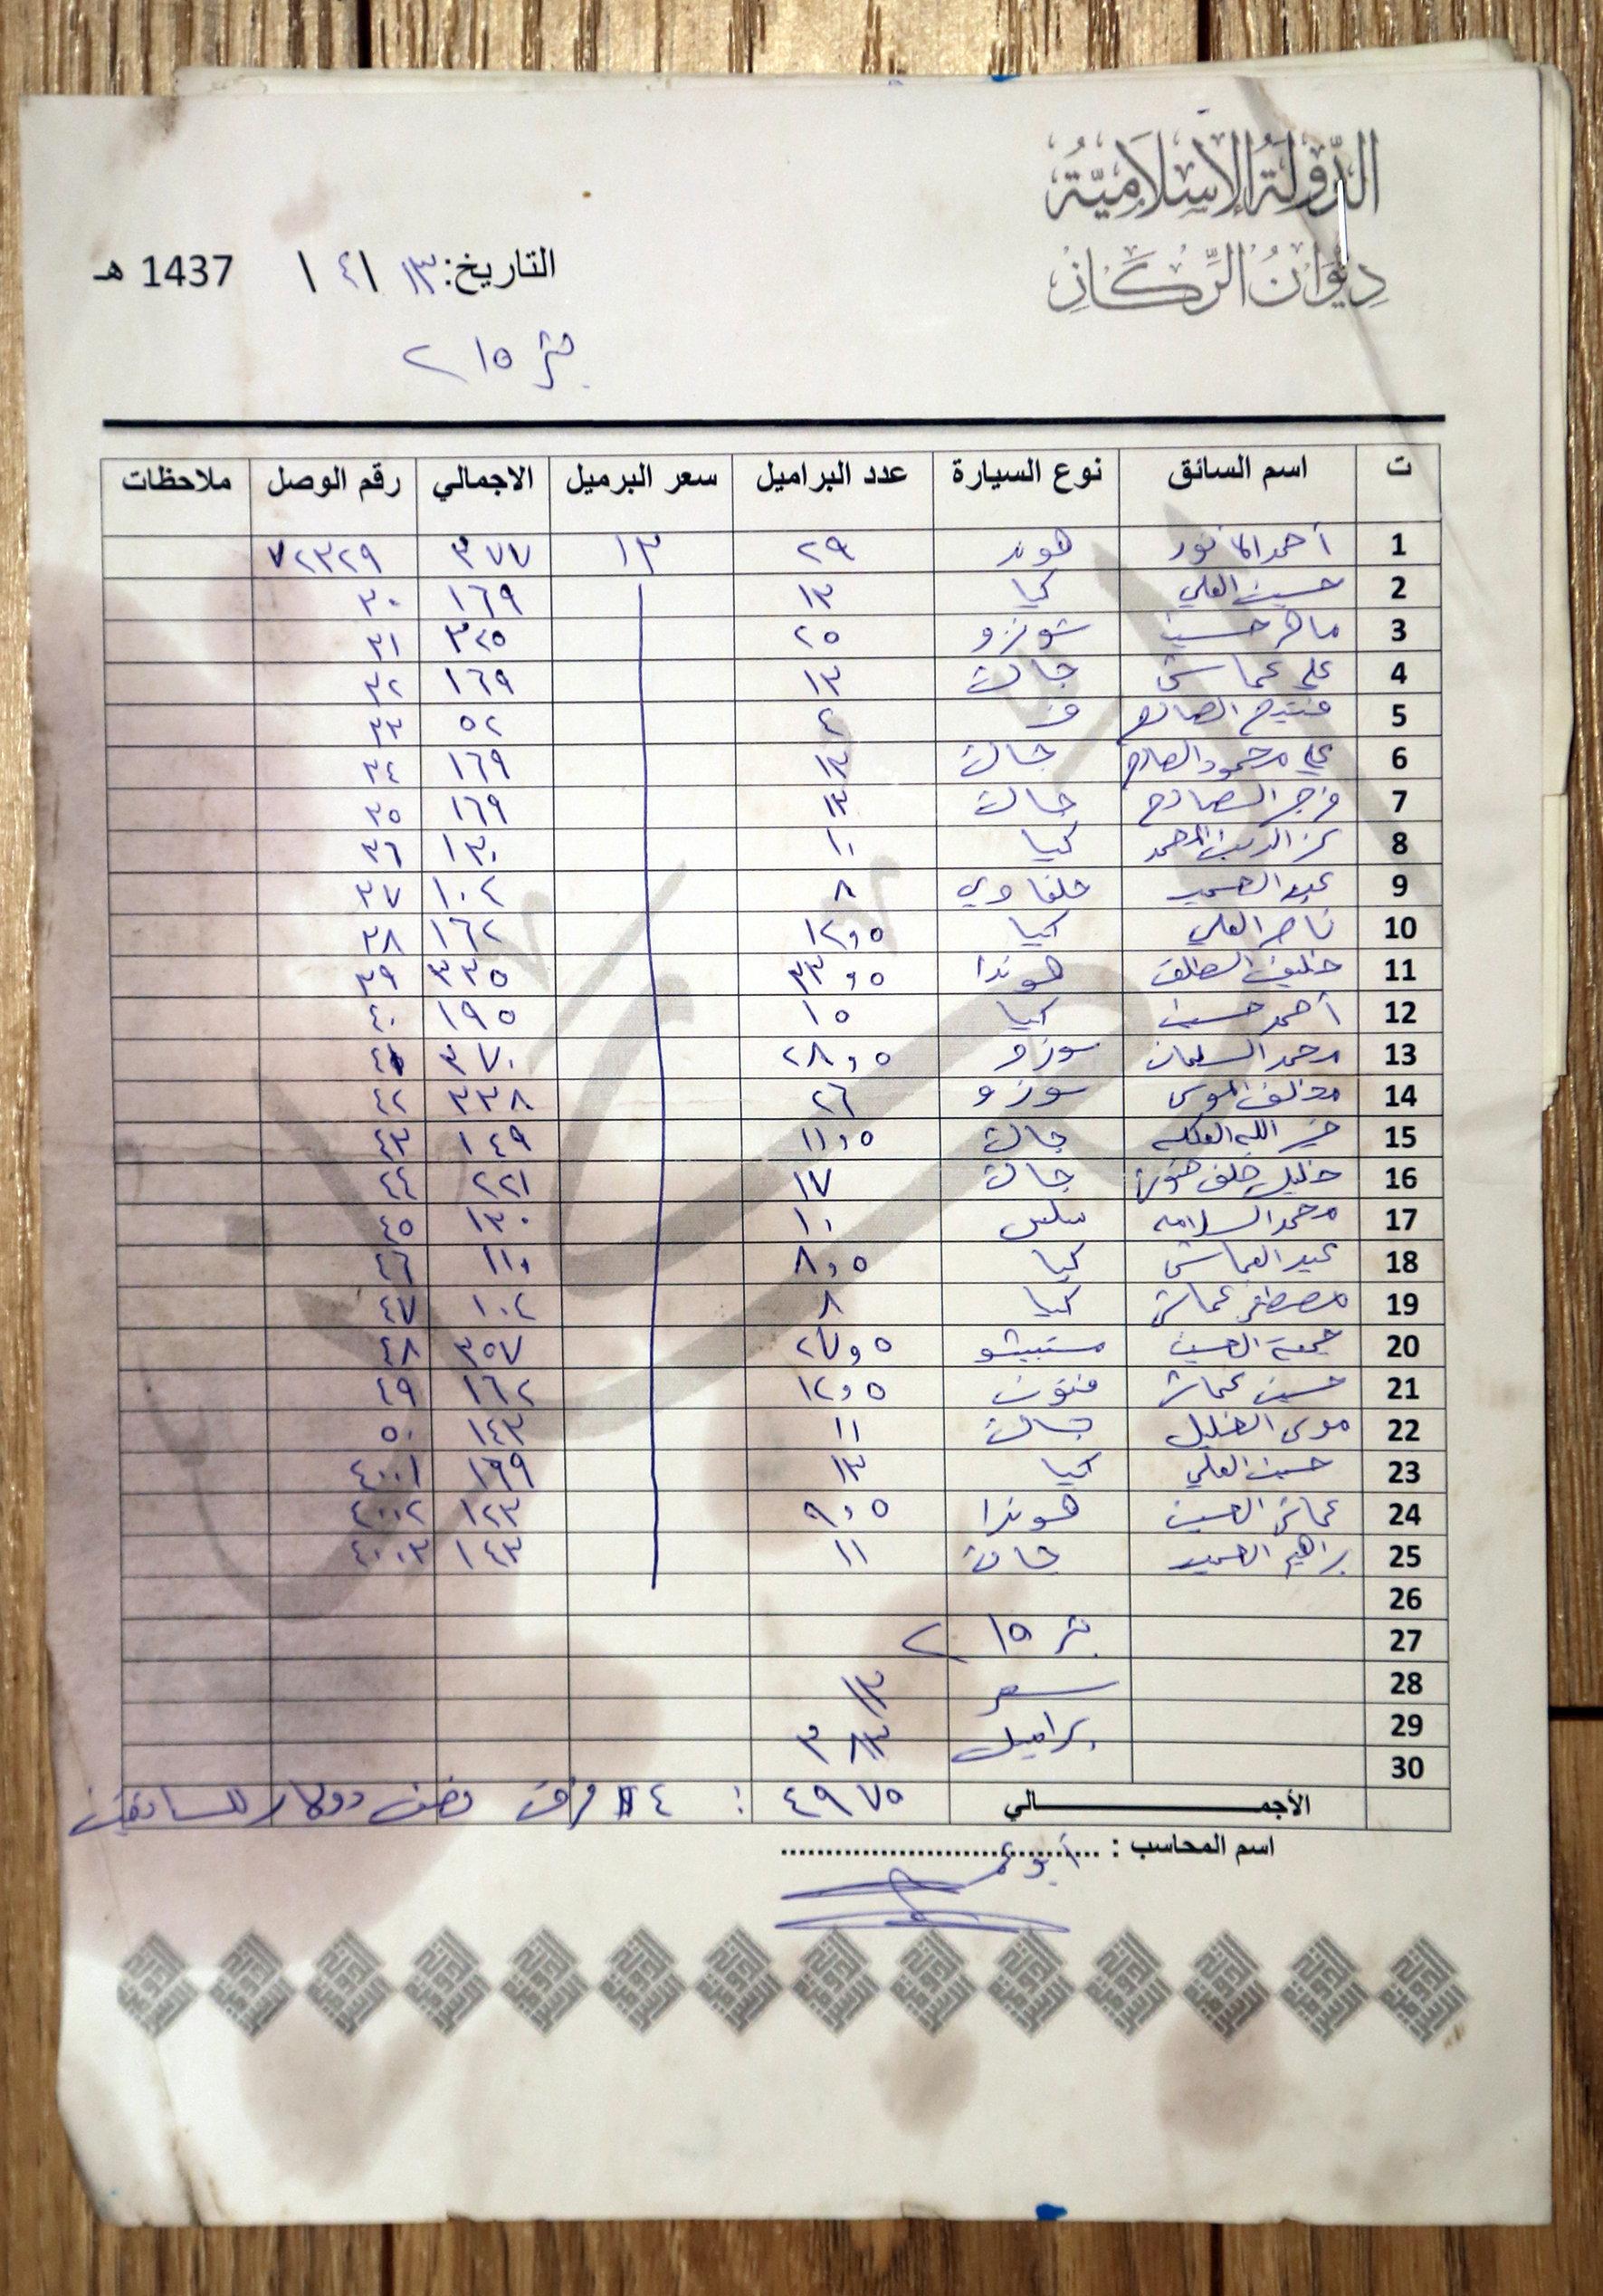 """Un ejemplo de la """"contabilidad yihadista"""". El 23 de enero de 2016, 383 barriles de crudo fueron extraídos del pozo 215 y vendidos a 13 dólares por barril. El ingreso total del día alcanzó la cifra de 4.979 dólares. Más de 170 documentos semejantes fueron encontrados"""